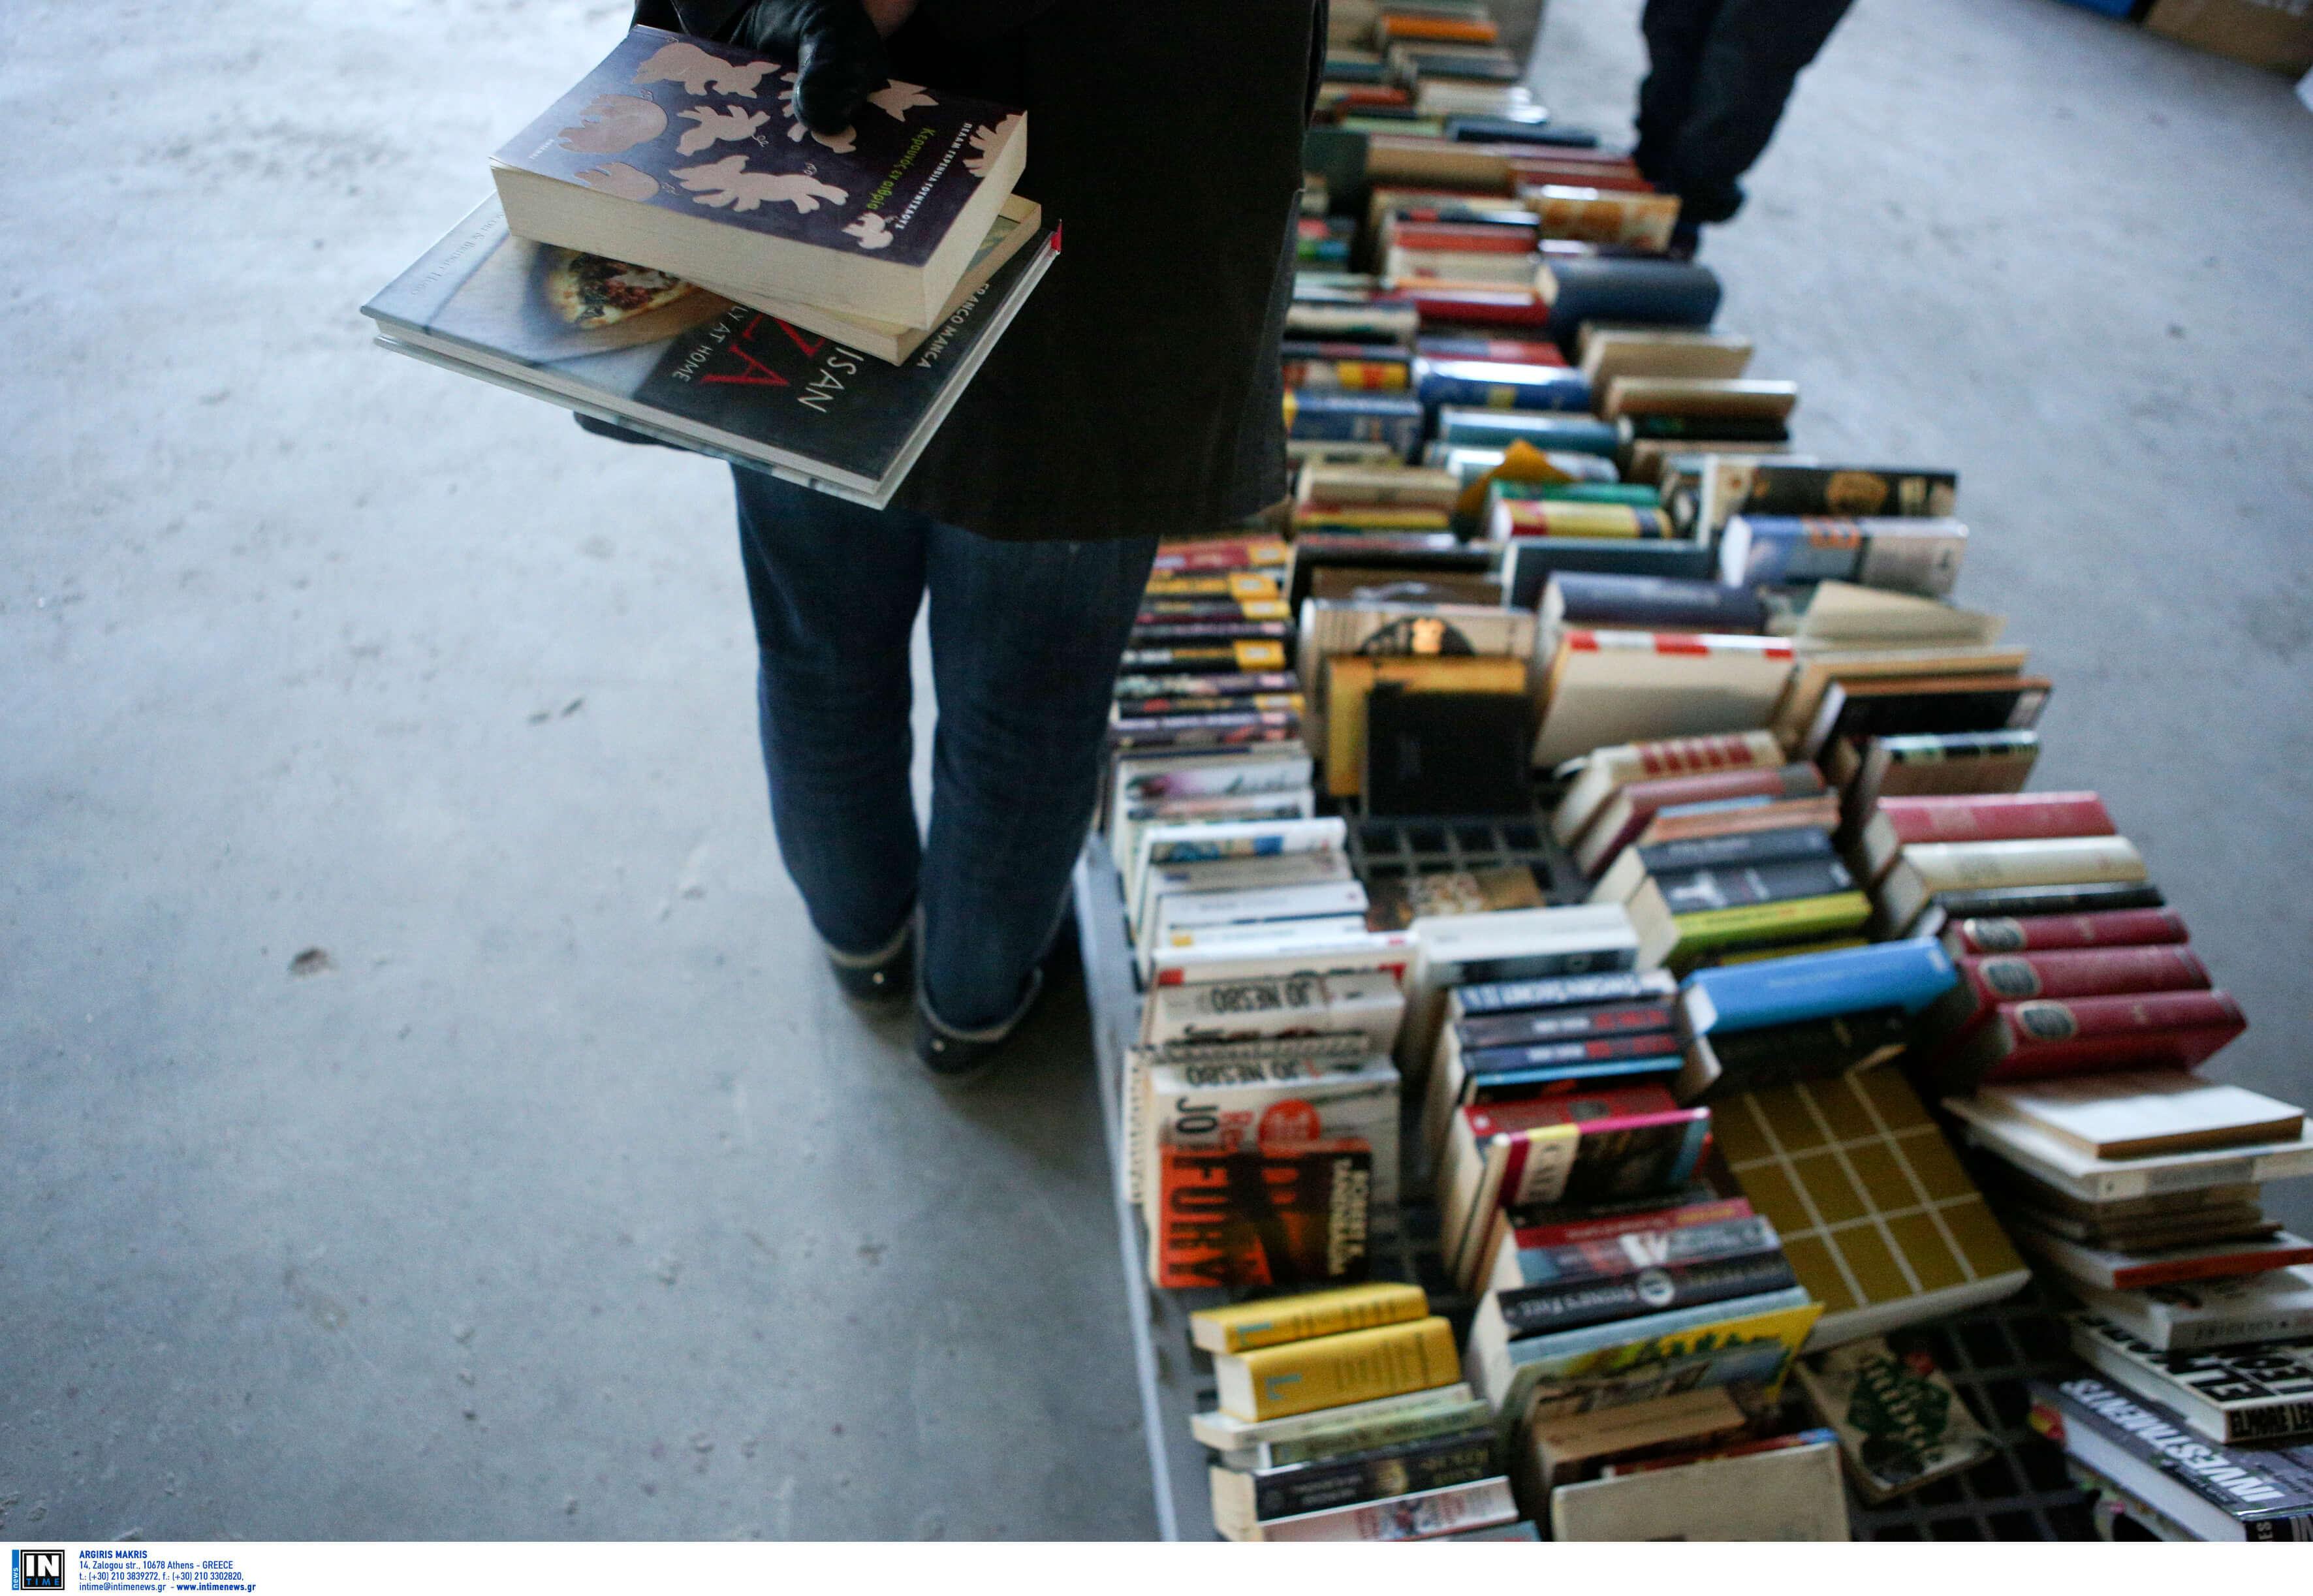 ΔΕΘ 2019: Χιλιάδες φτηνά βιβλία στη 10η Γιορτή βιβλίου – Bazaar